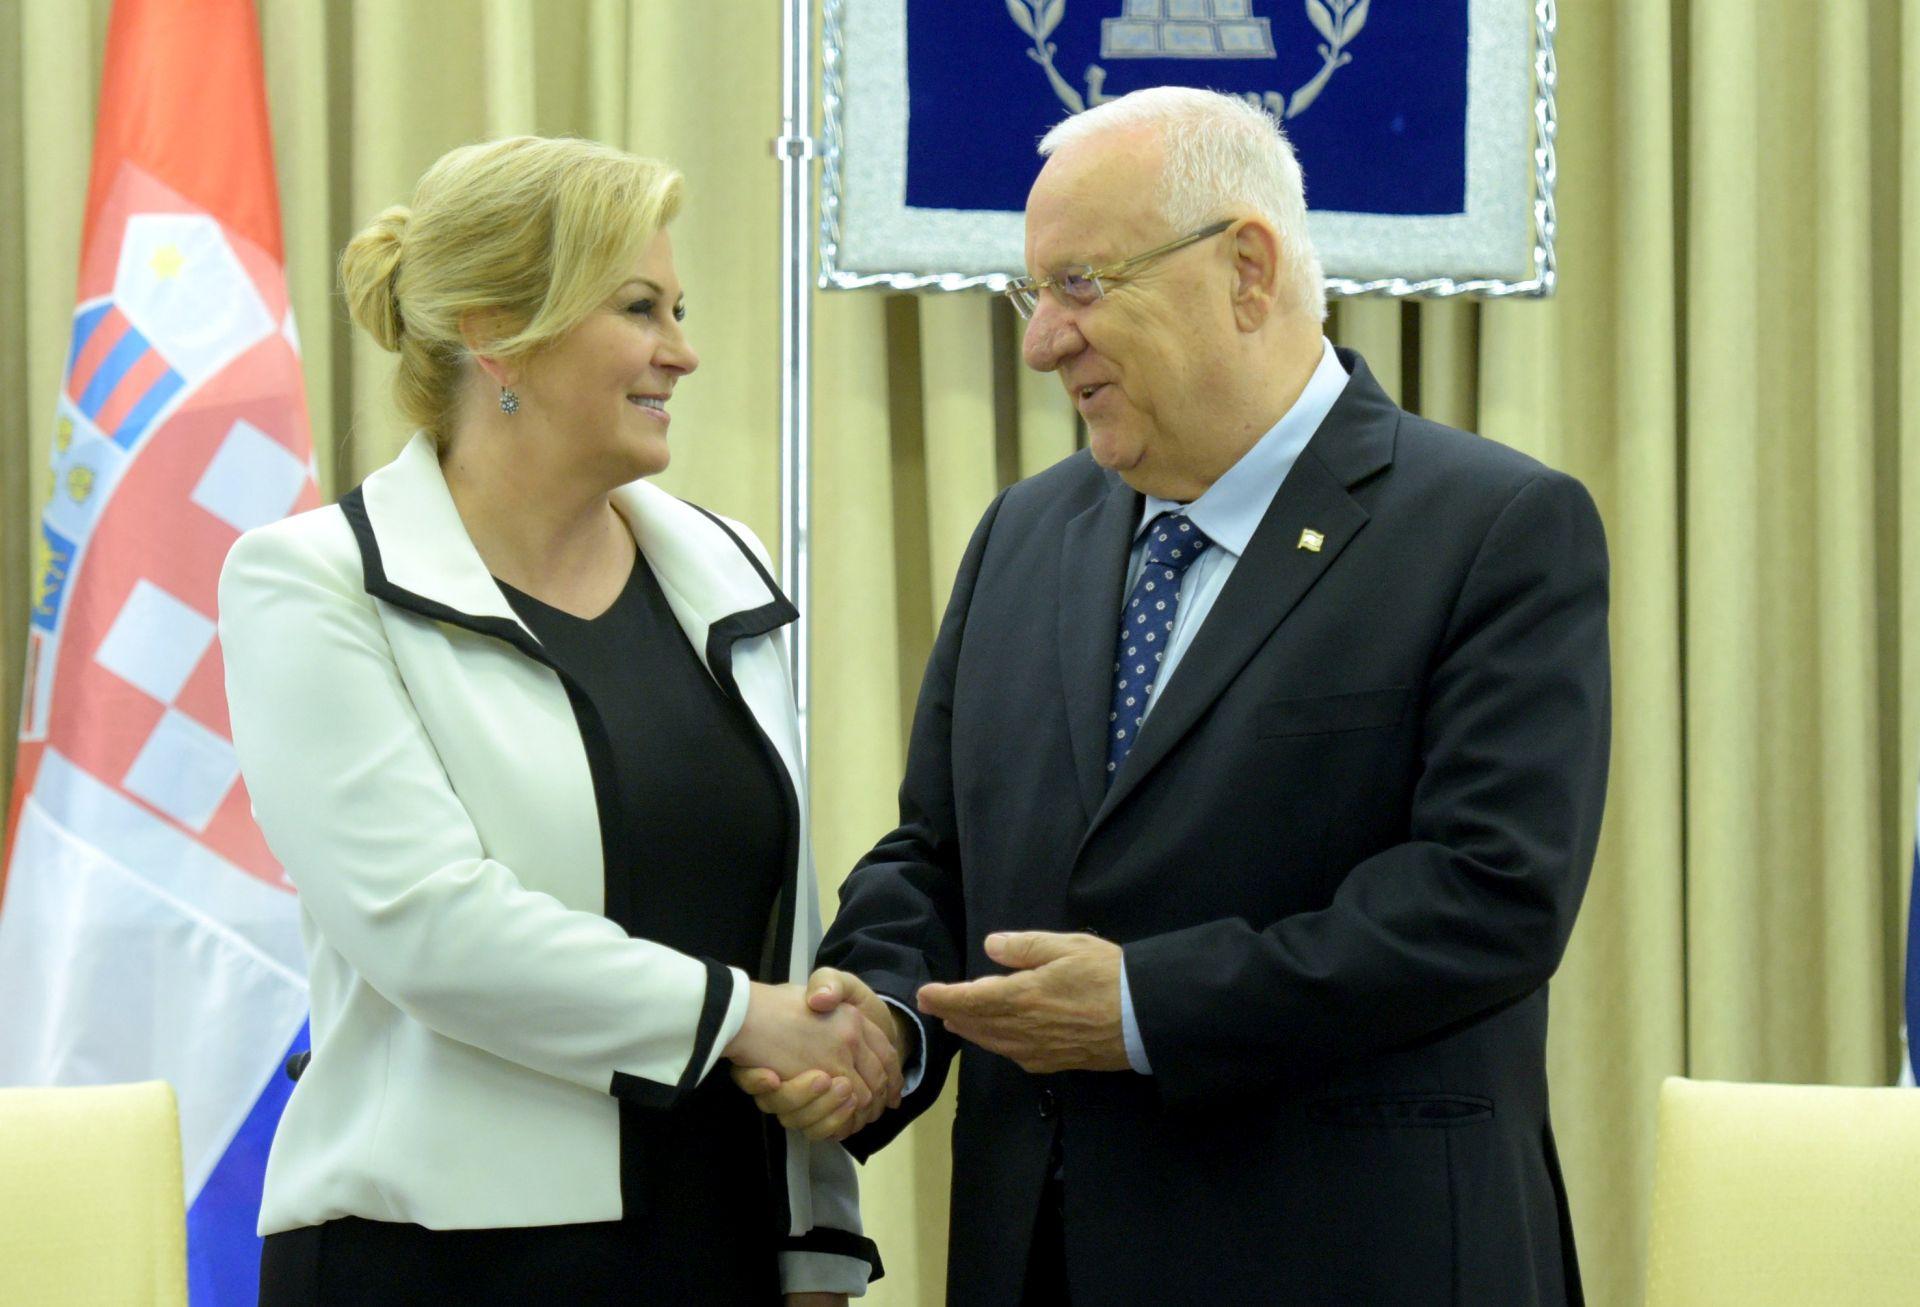 Grabar-Kitarović: Nadam se da će Izrael i Palestina pregovarati o mirnom rješenju